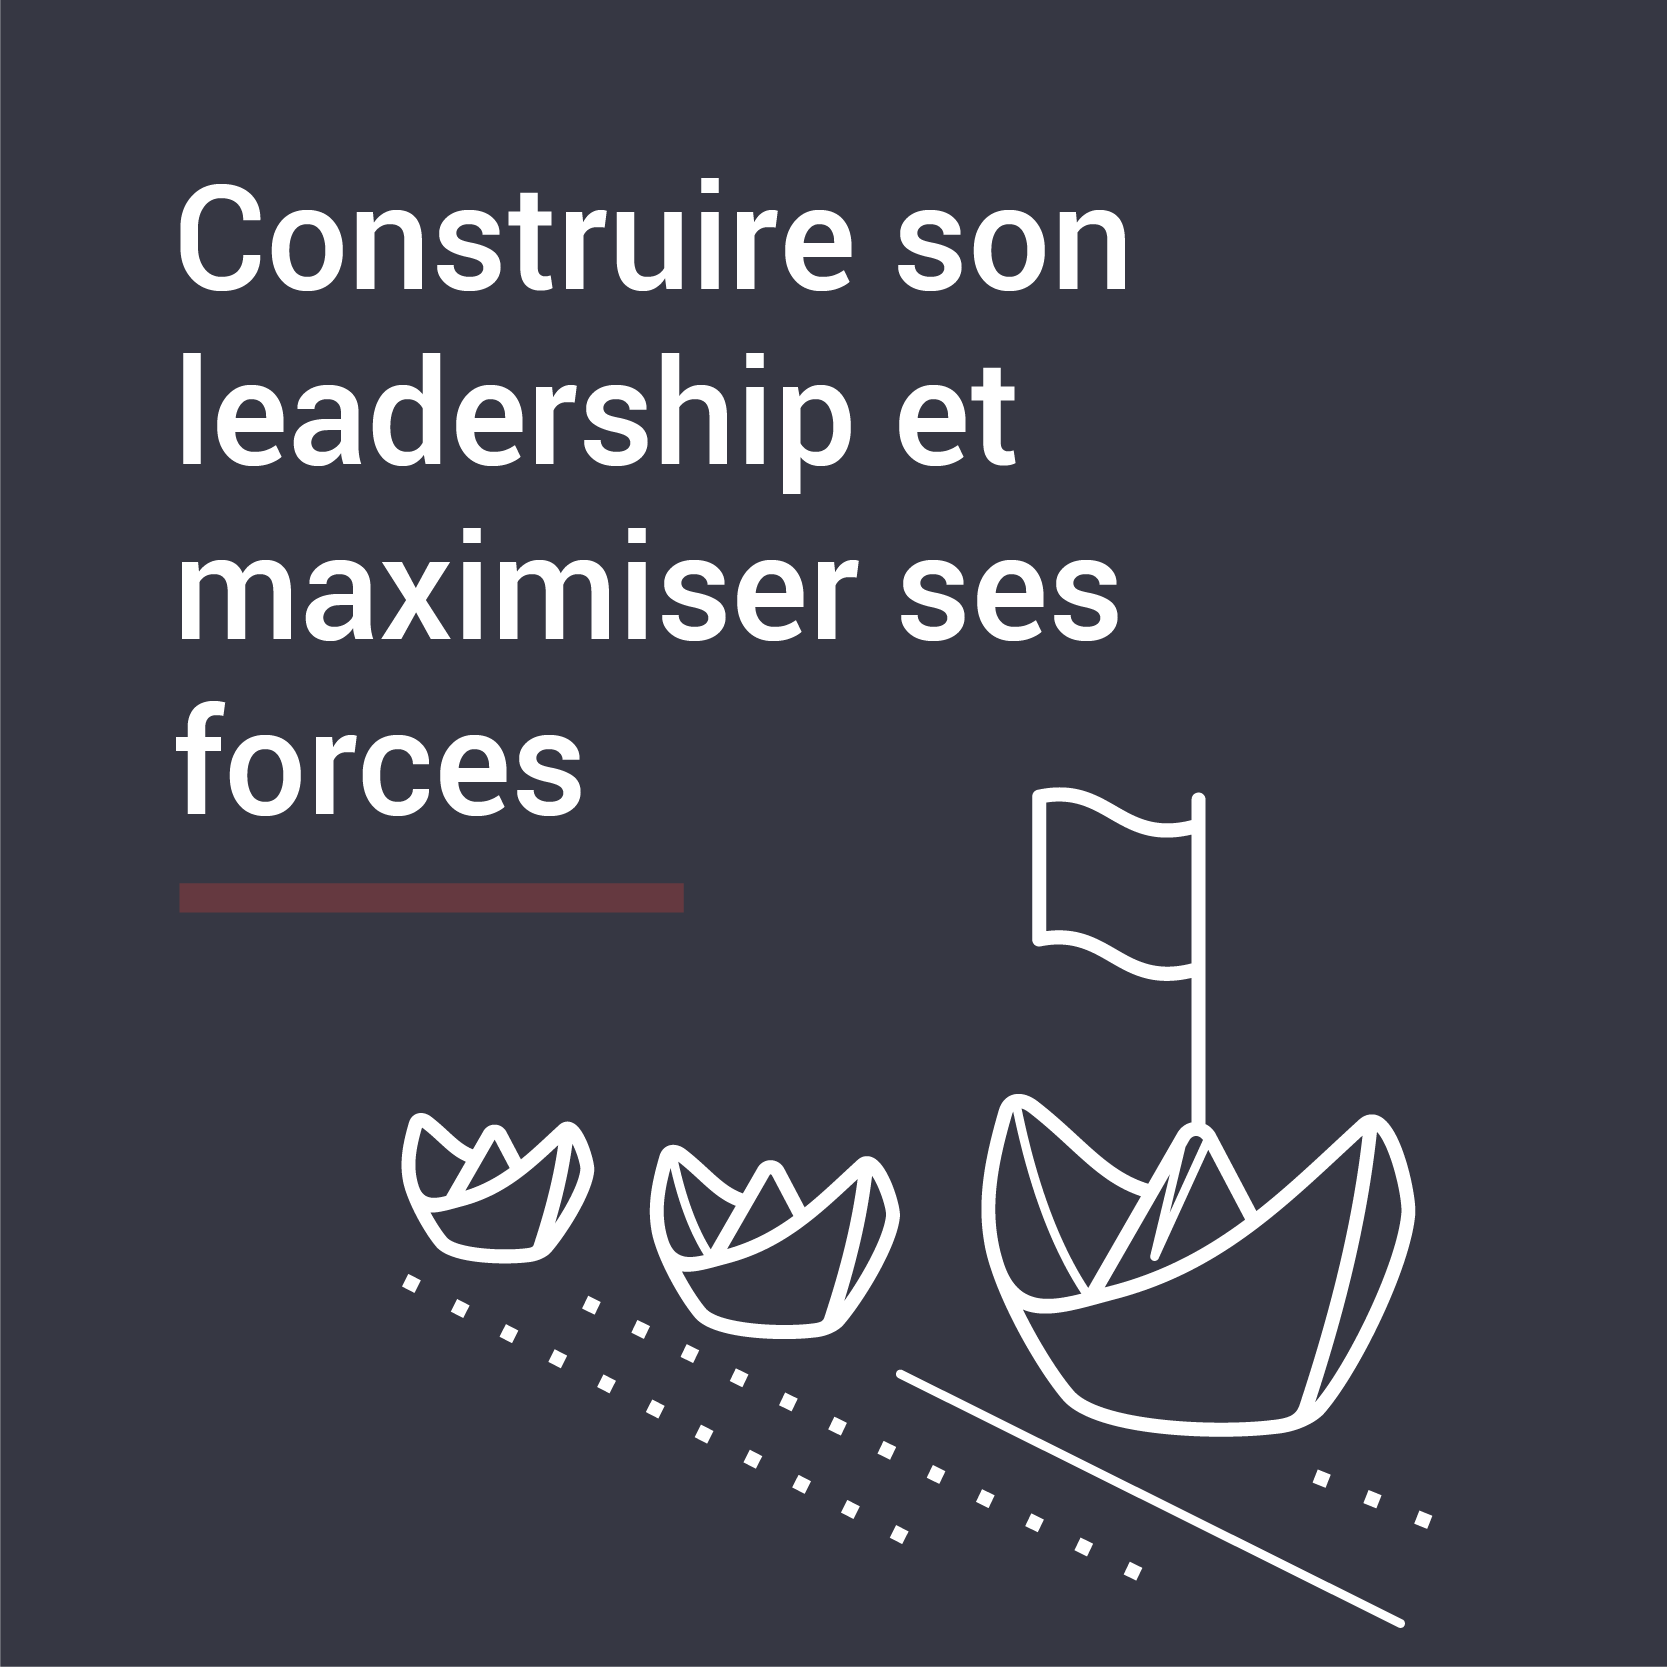 Construire son leadership et maximiser ses forces